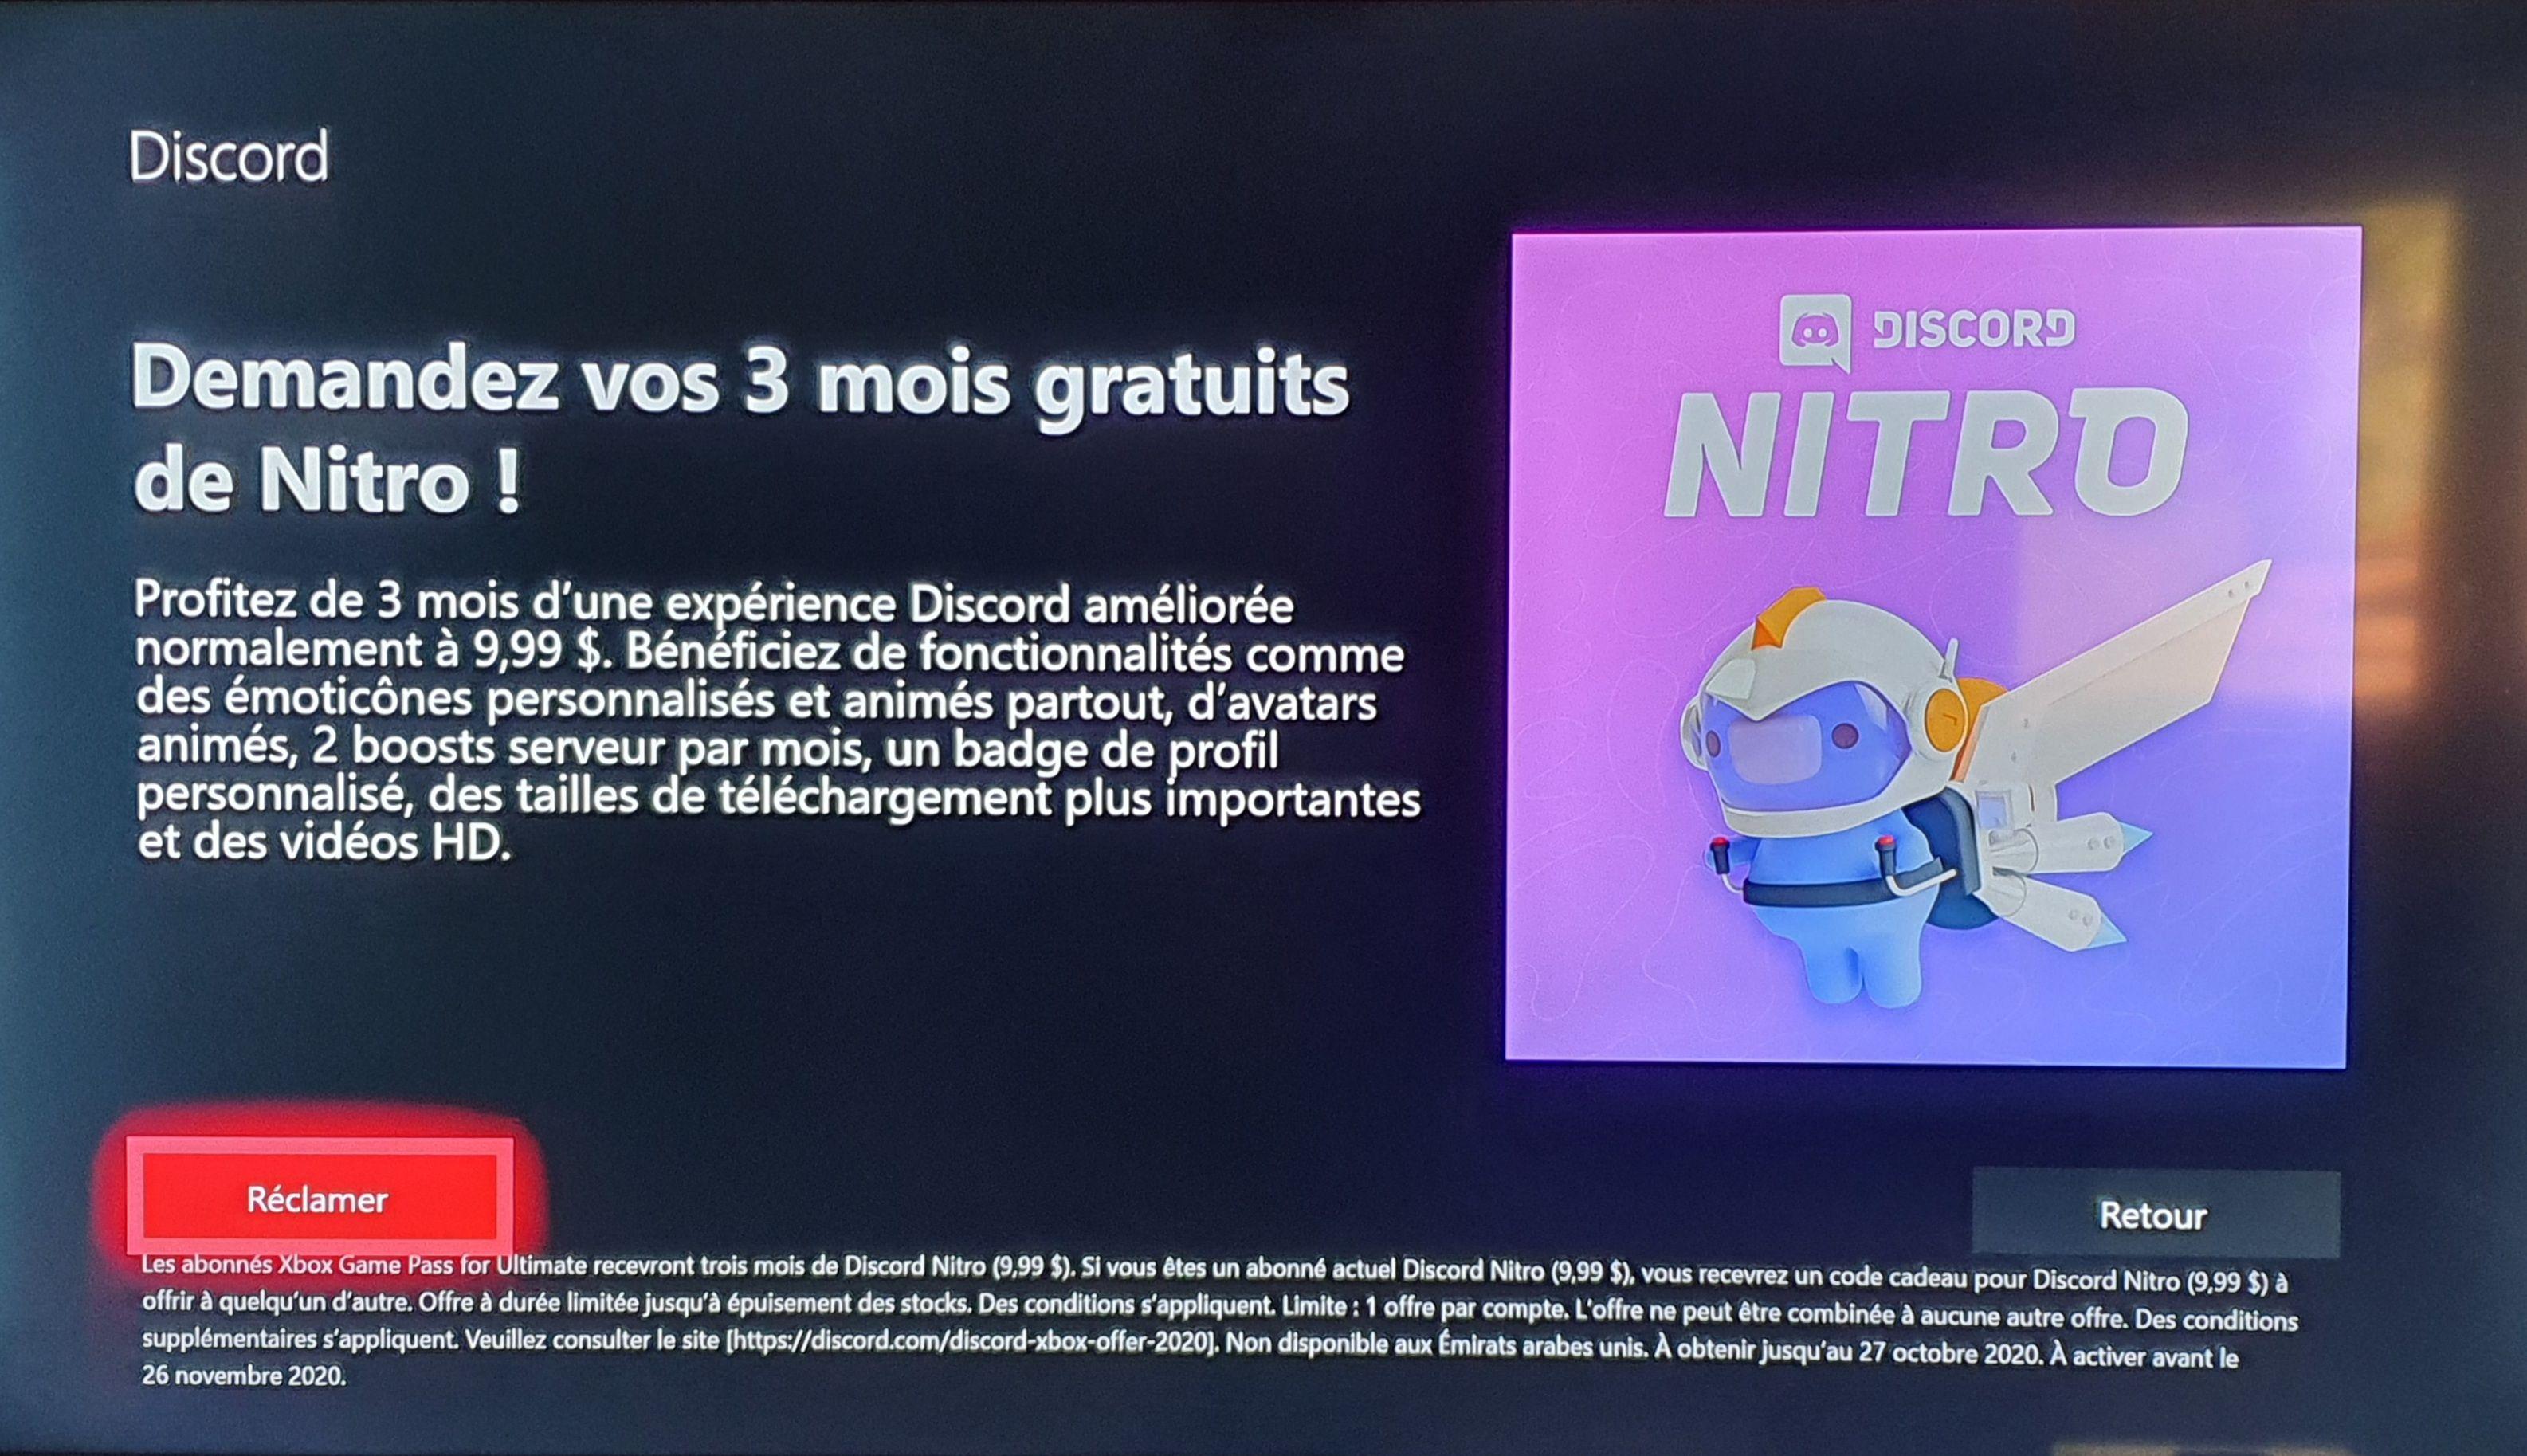 [Game Pass Ultimate] 3 mois d'abonnement gratuits à Discord Nitro (Via Console)